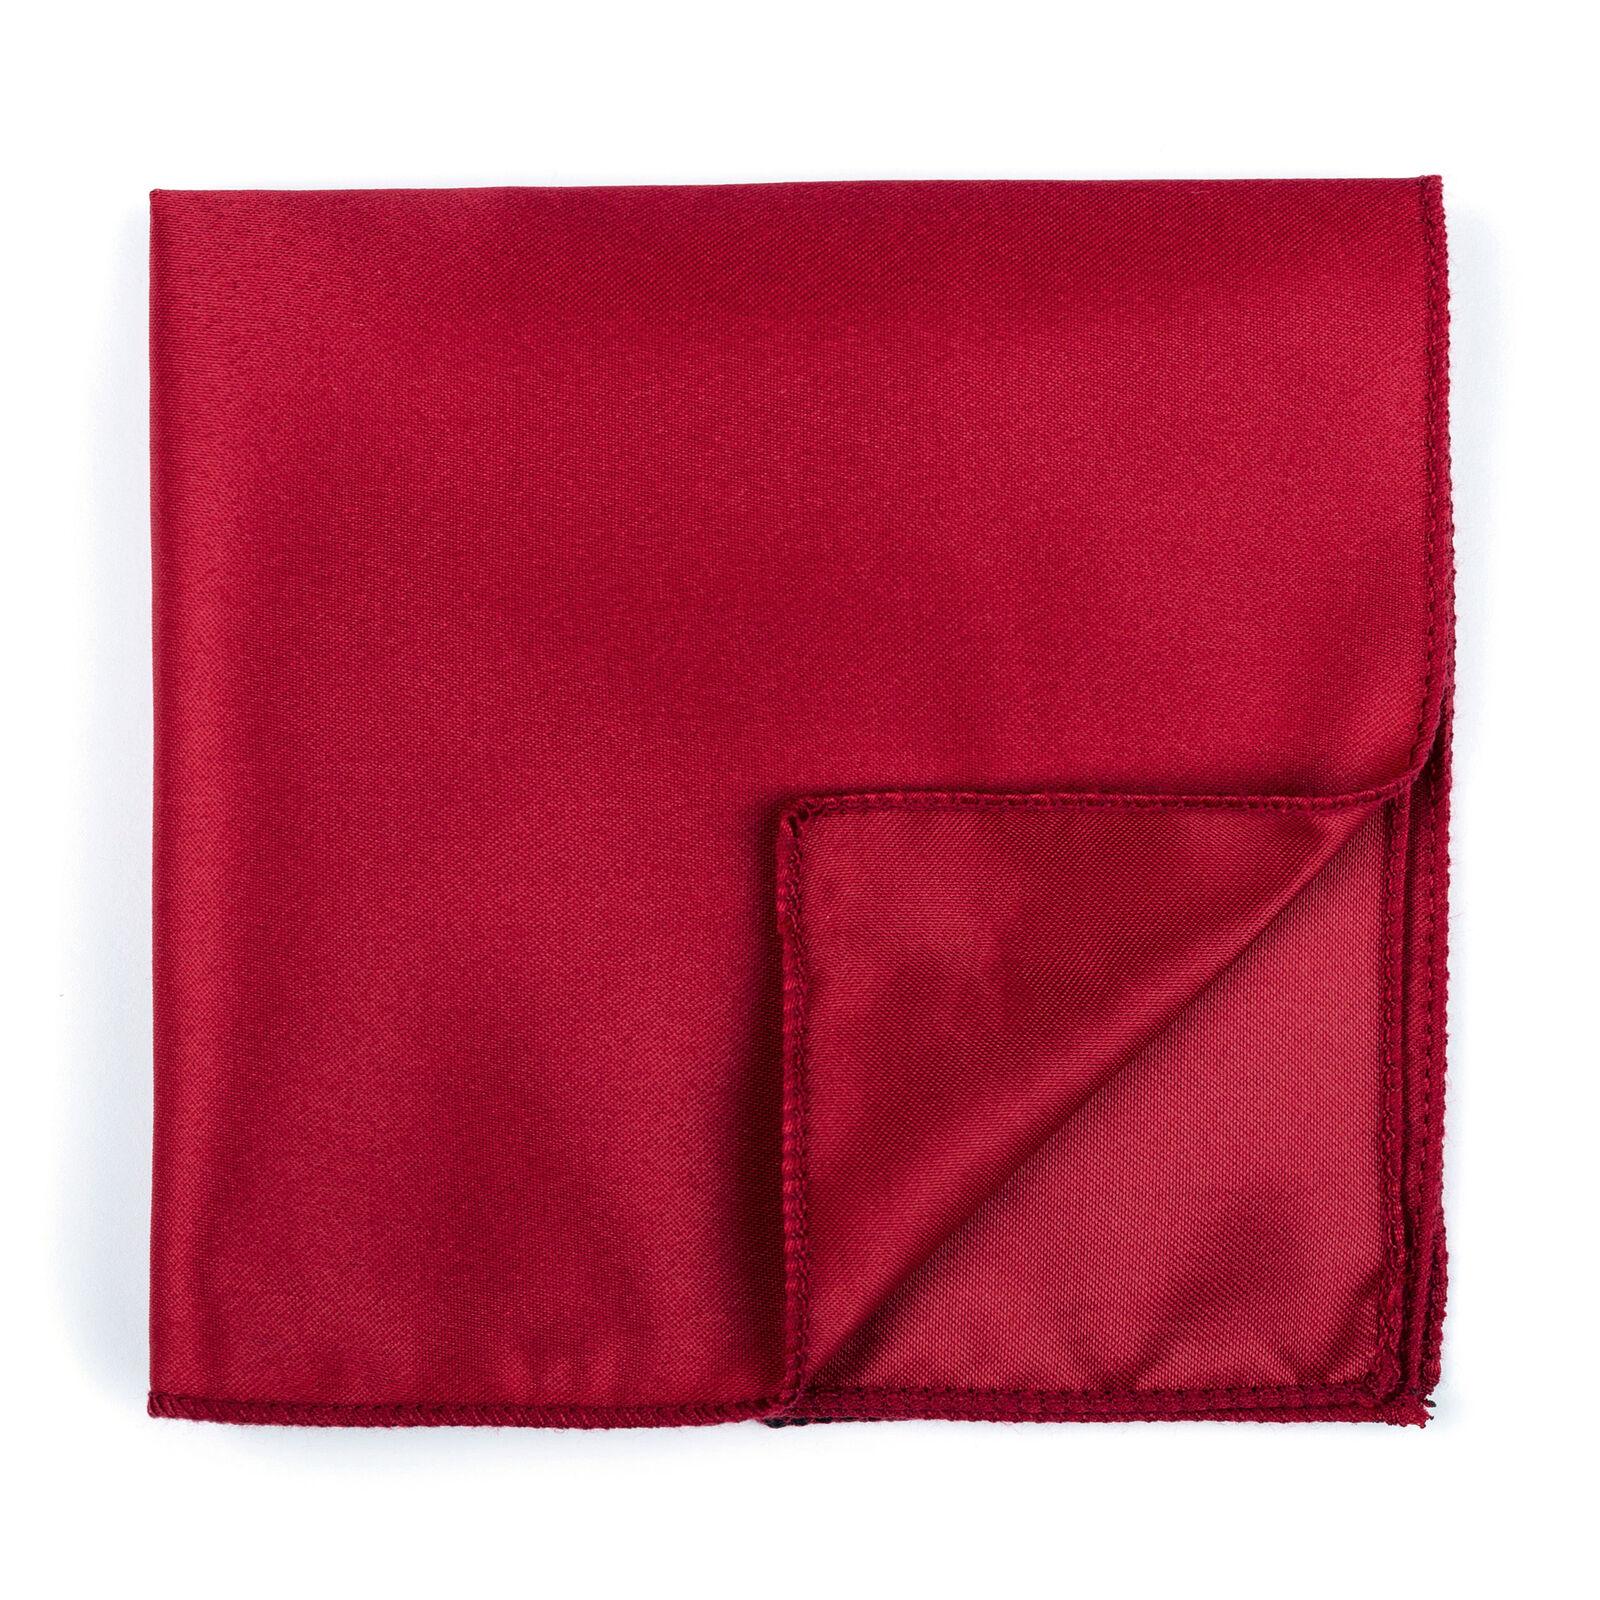 UK Men's Jalapeno Red Wedding Pocket Square 6 Button Jacquard Suit Vest Tailore